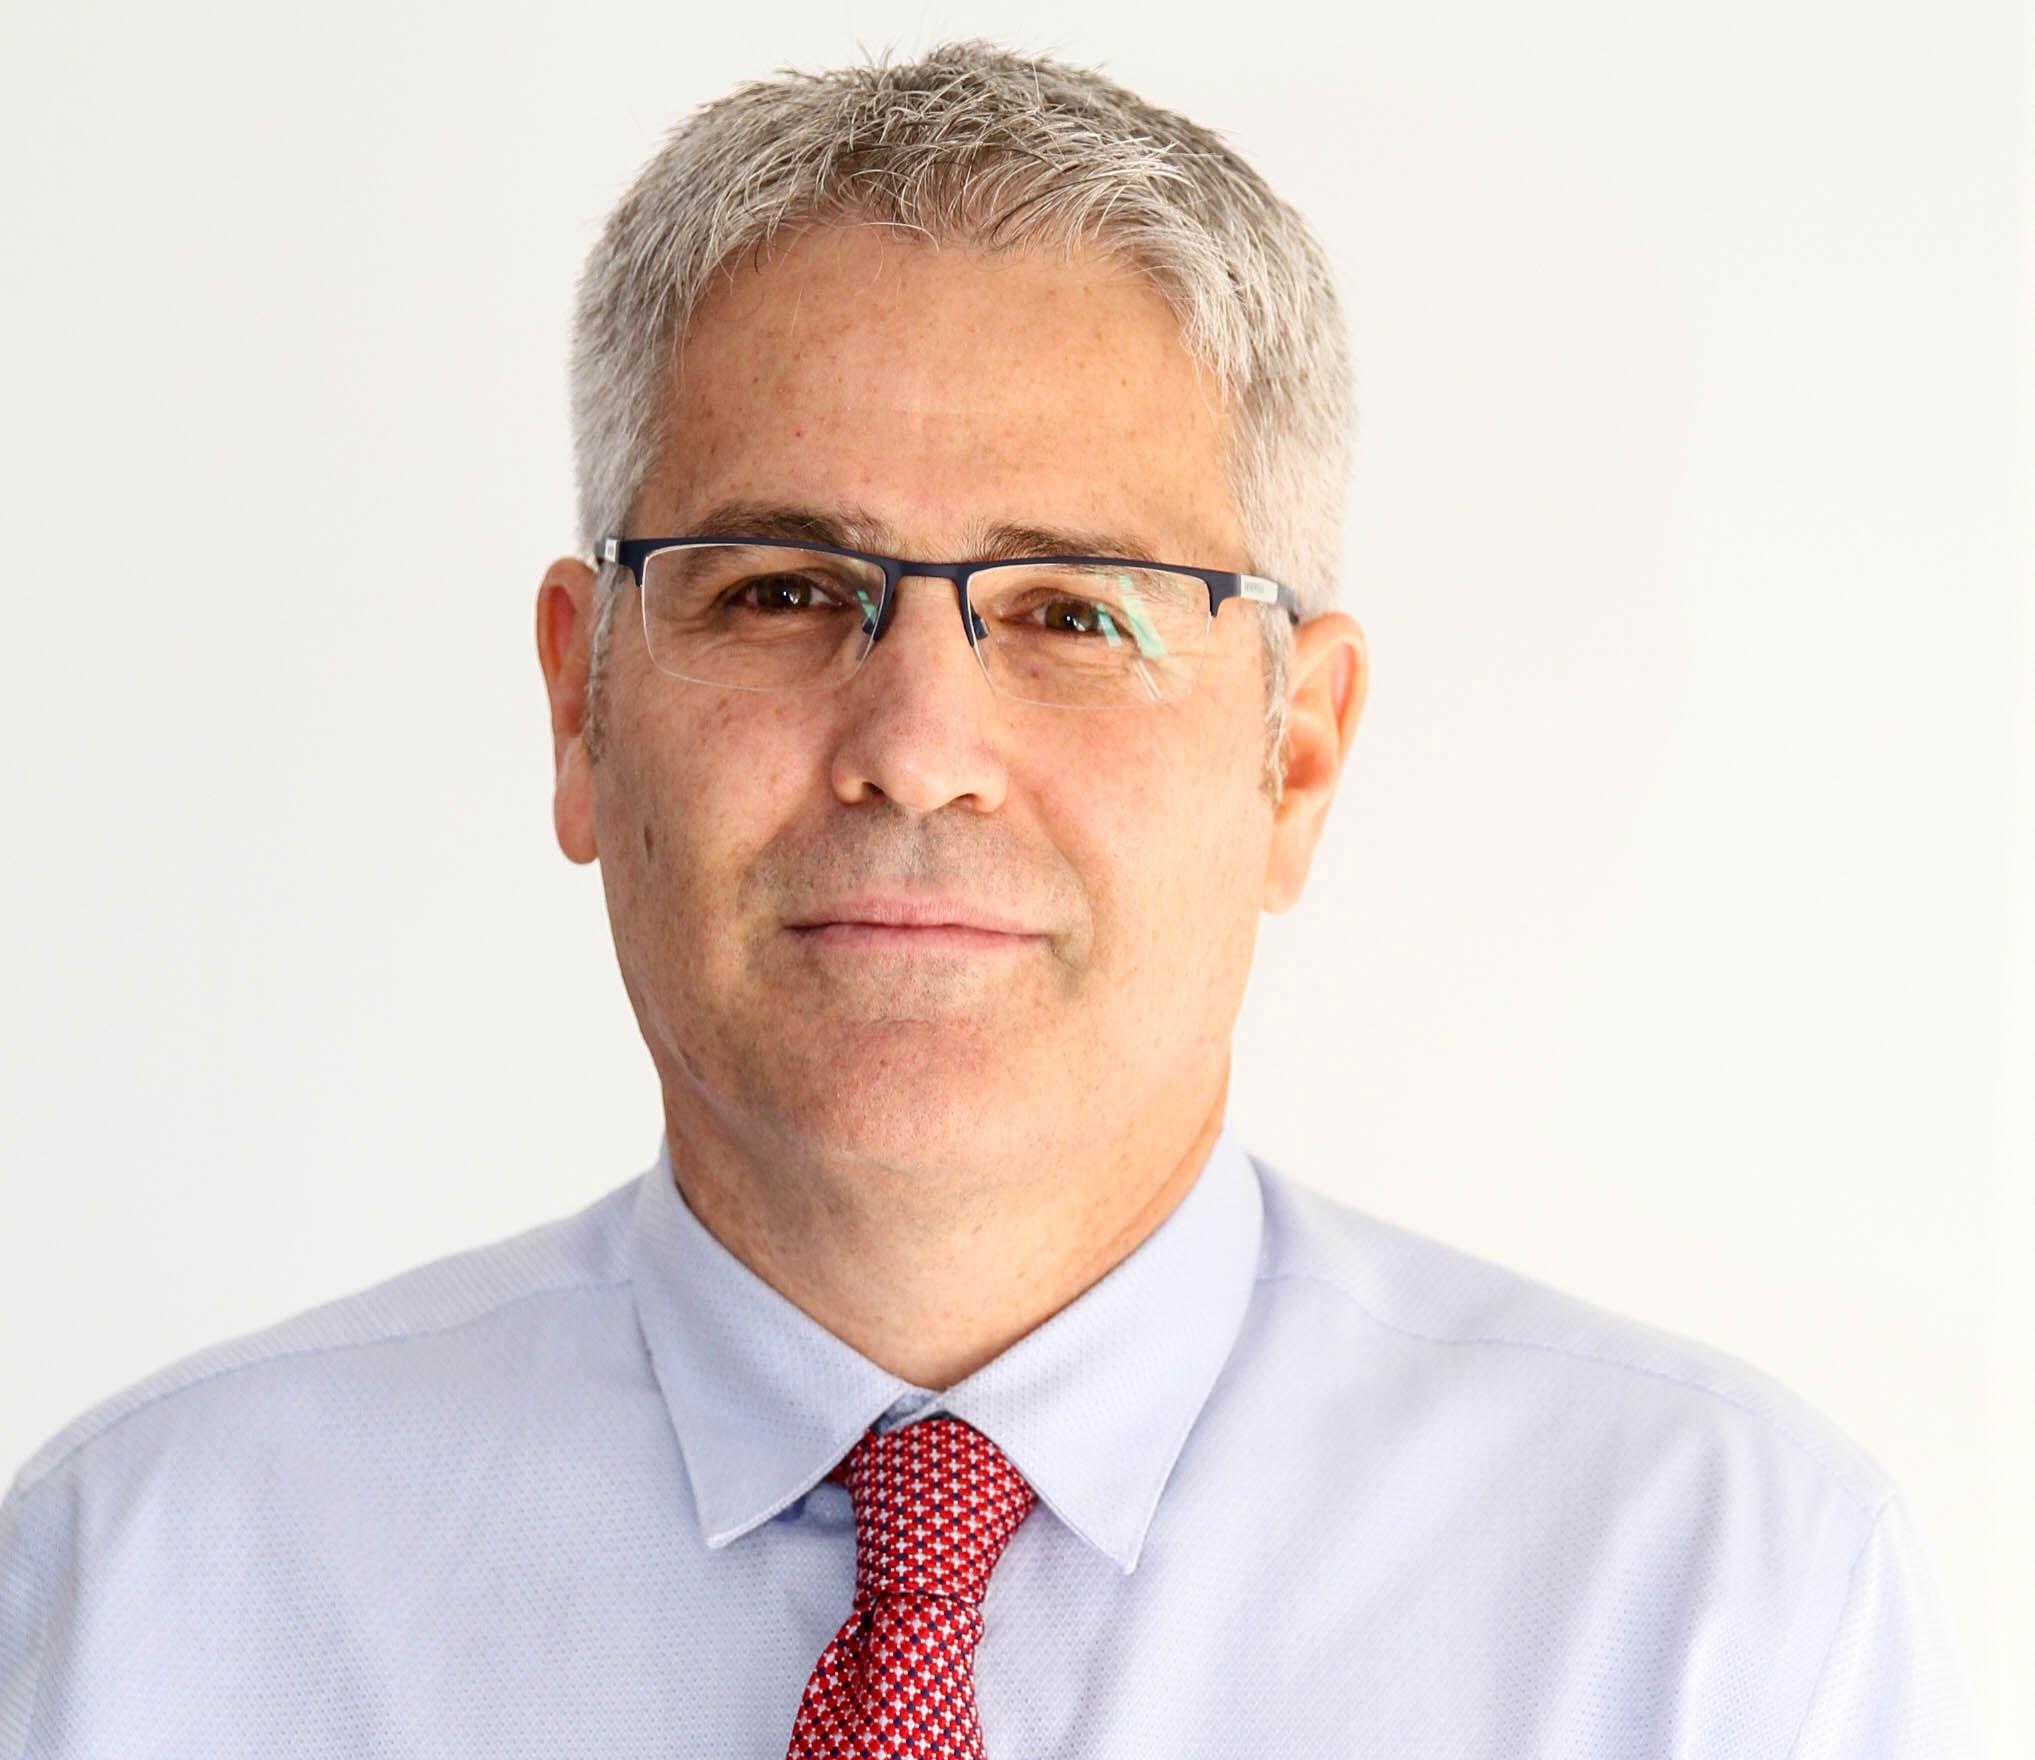 פרופ' גור אלרואי נבחר לתפקיד רקטור אוניברסיטת חיפה